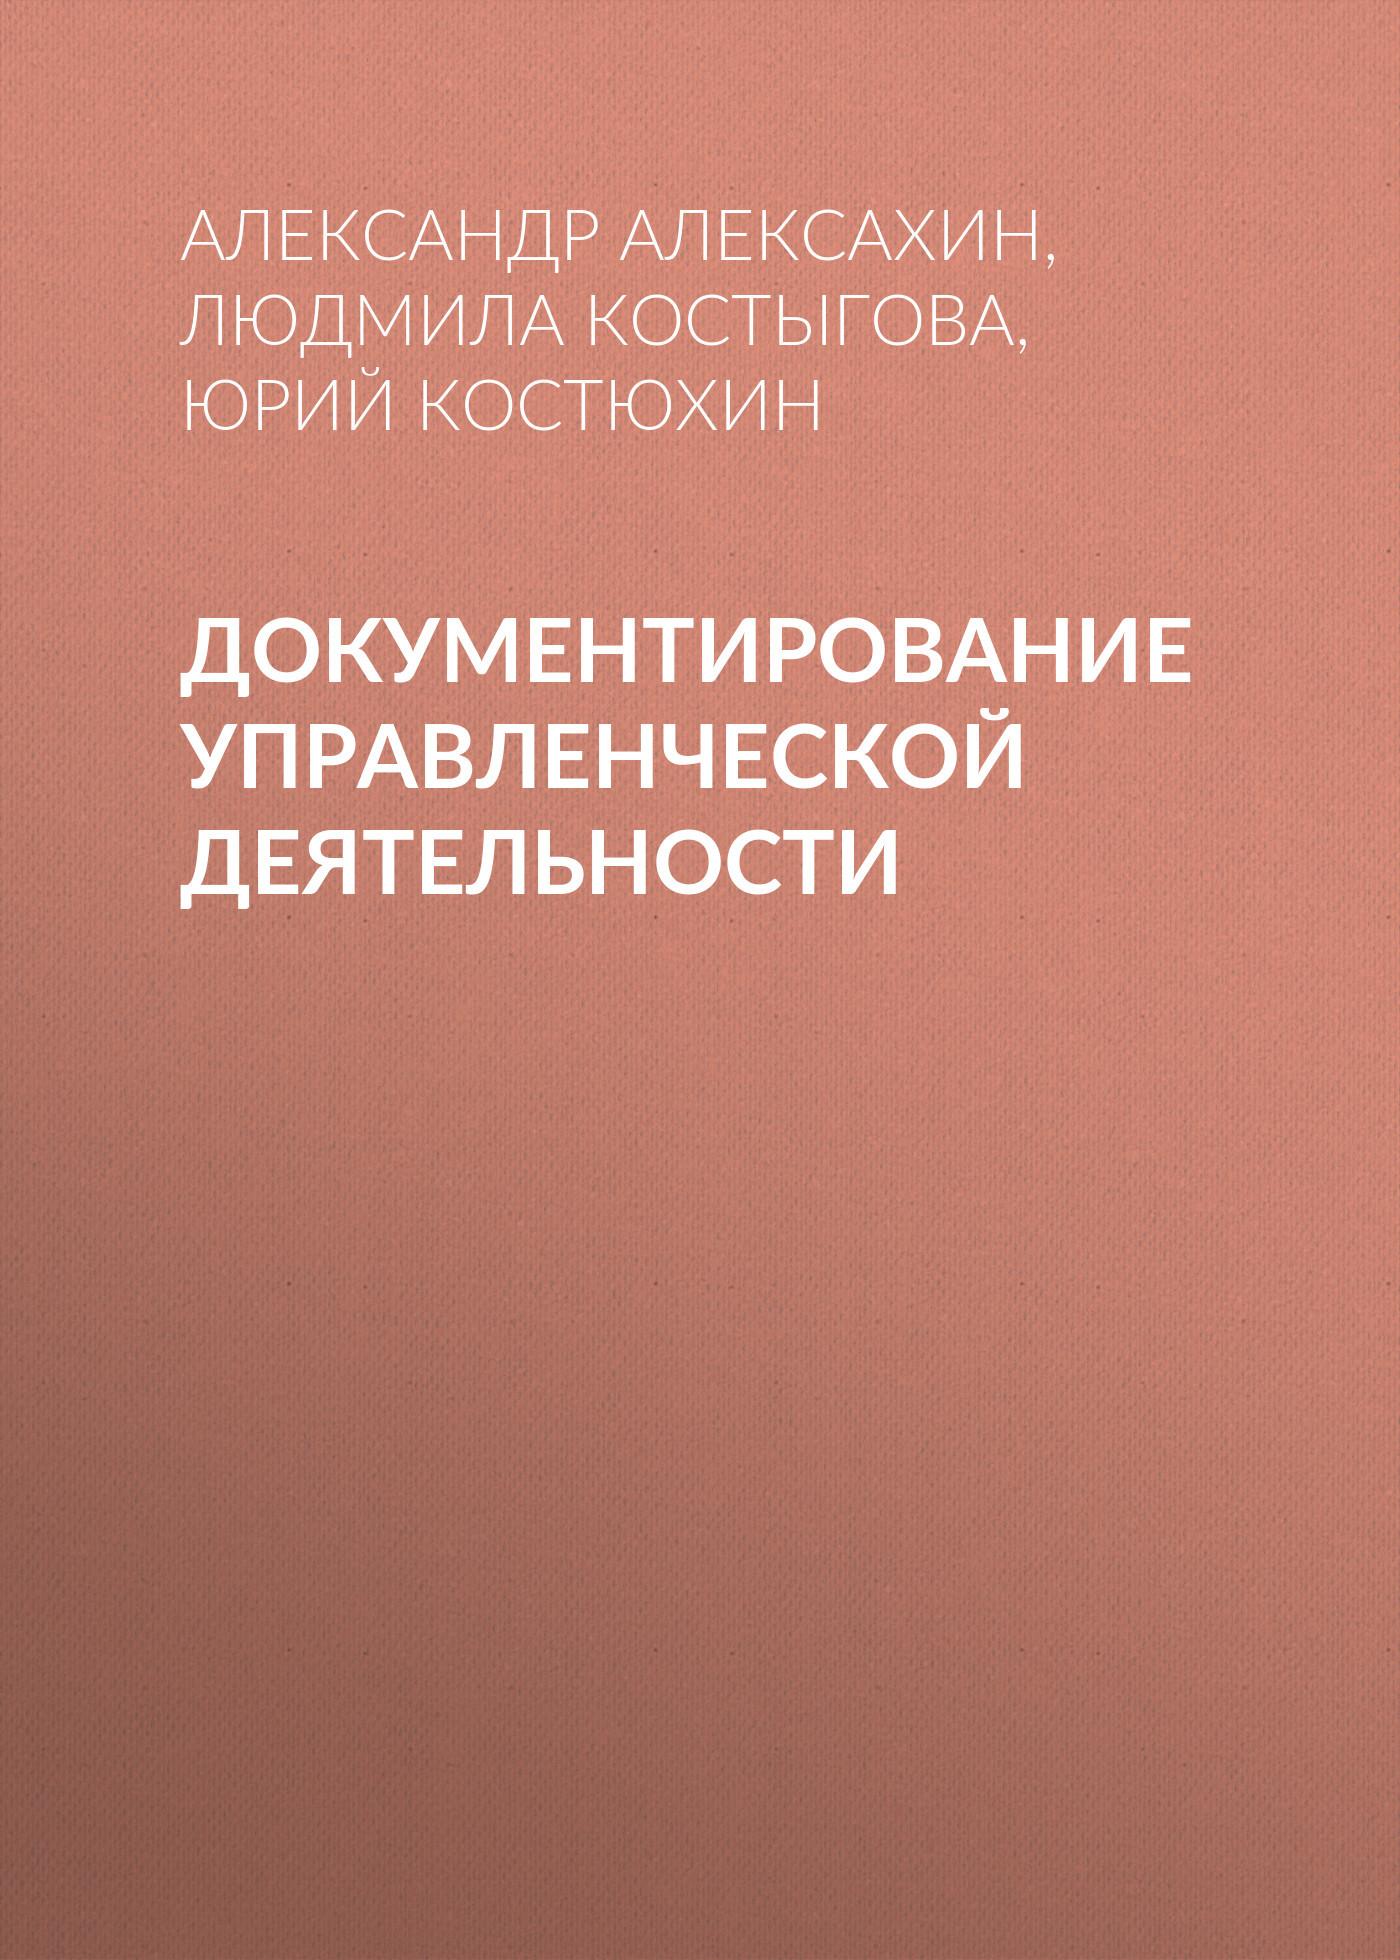 Людмила Костыгова. Документирование управленческой деятельности